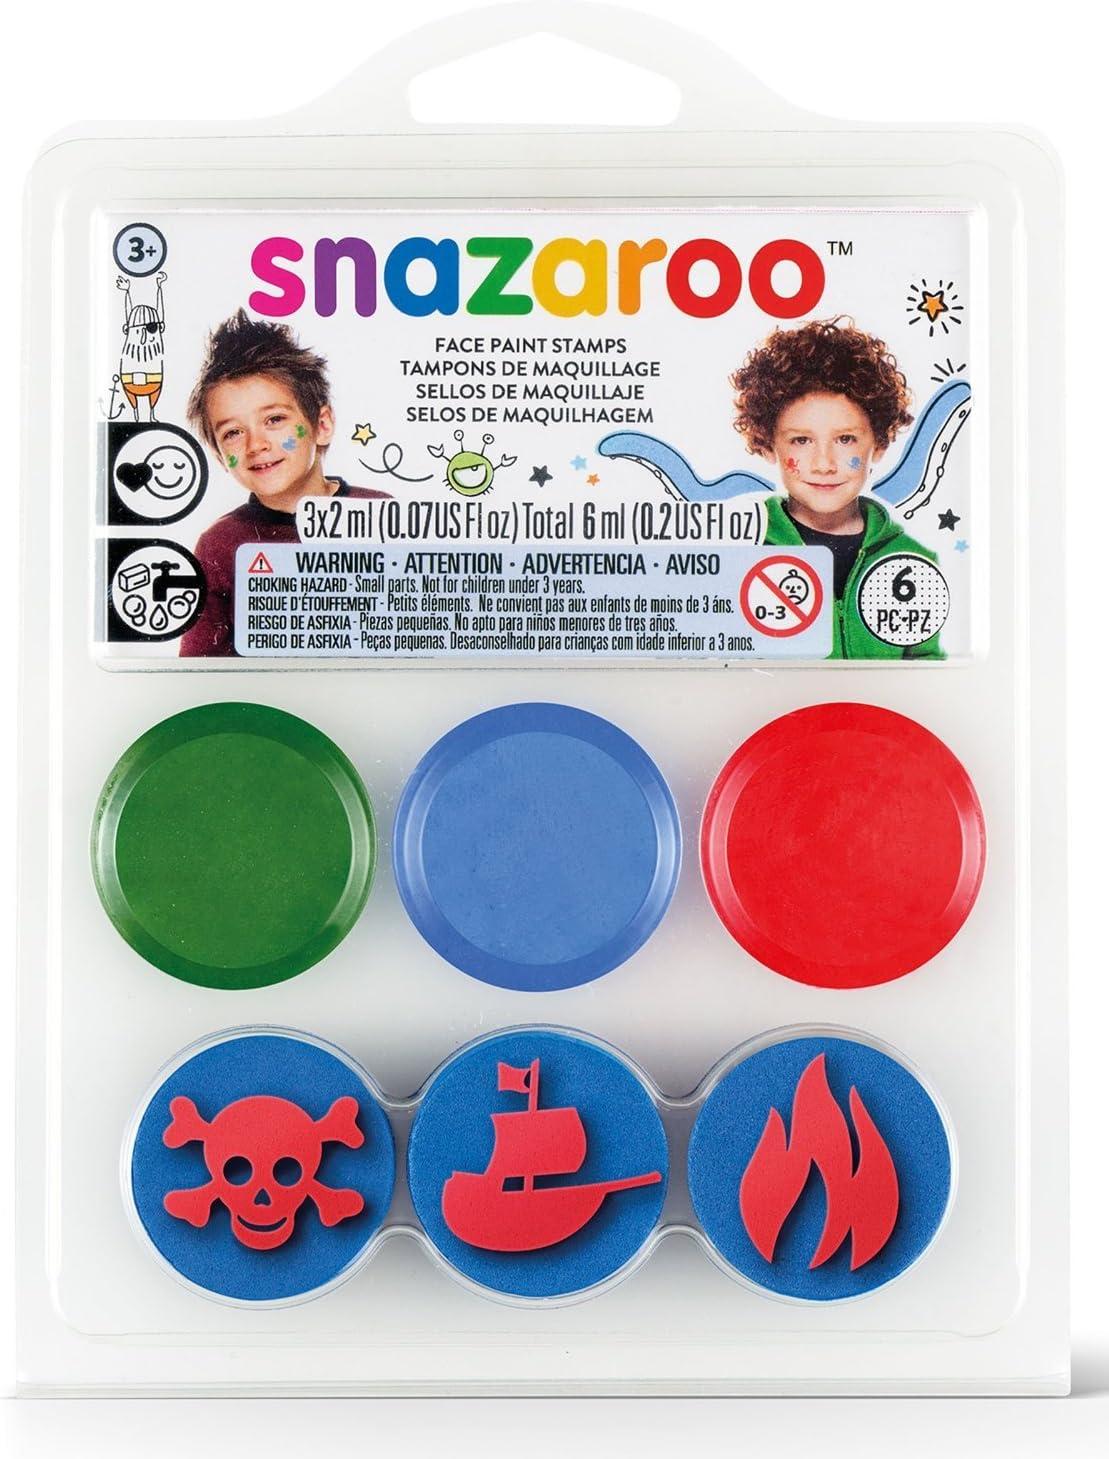 Mini kit maquillaje y sellos piratas y océano Snazaroo - Única: Amazon.es: Belleza